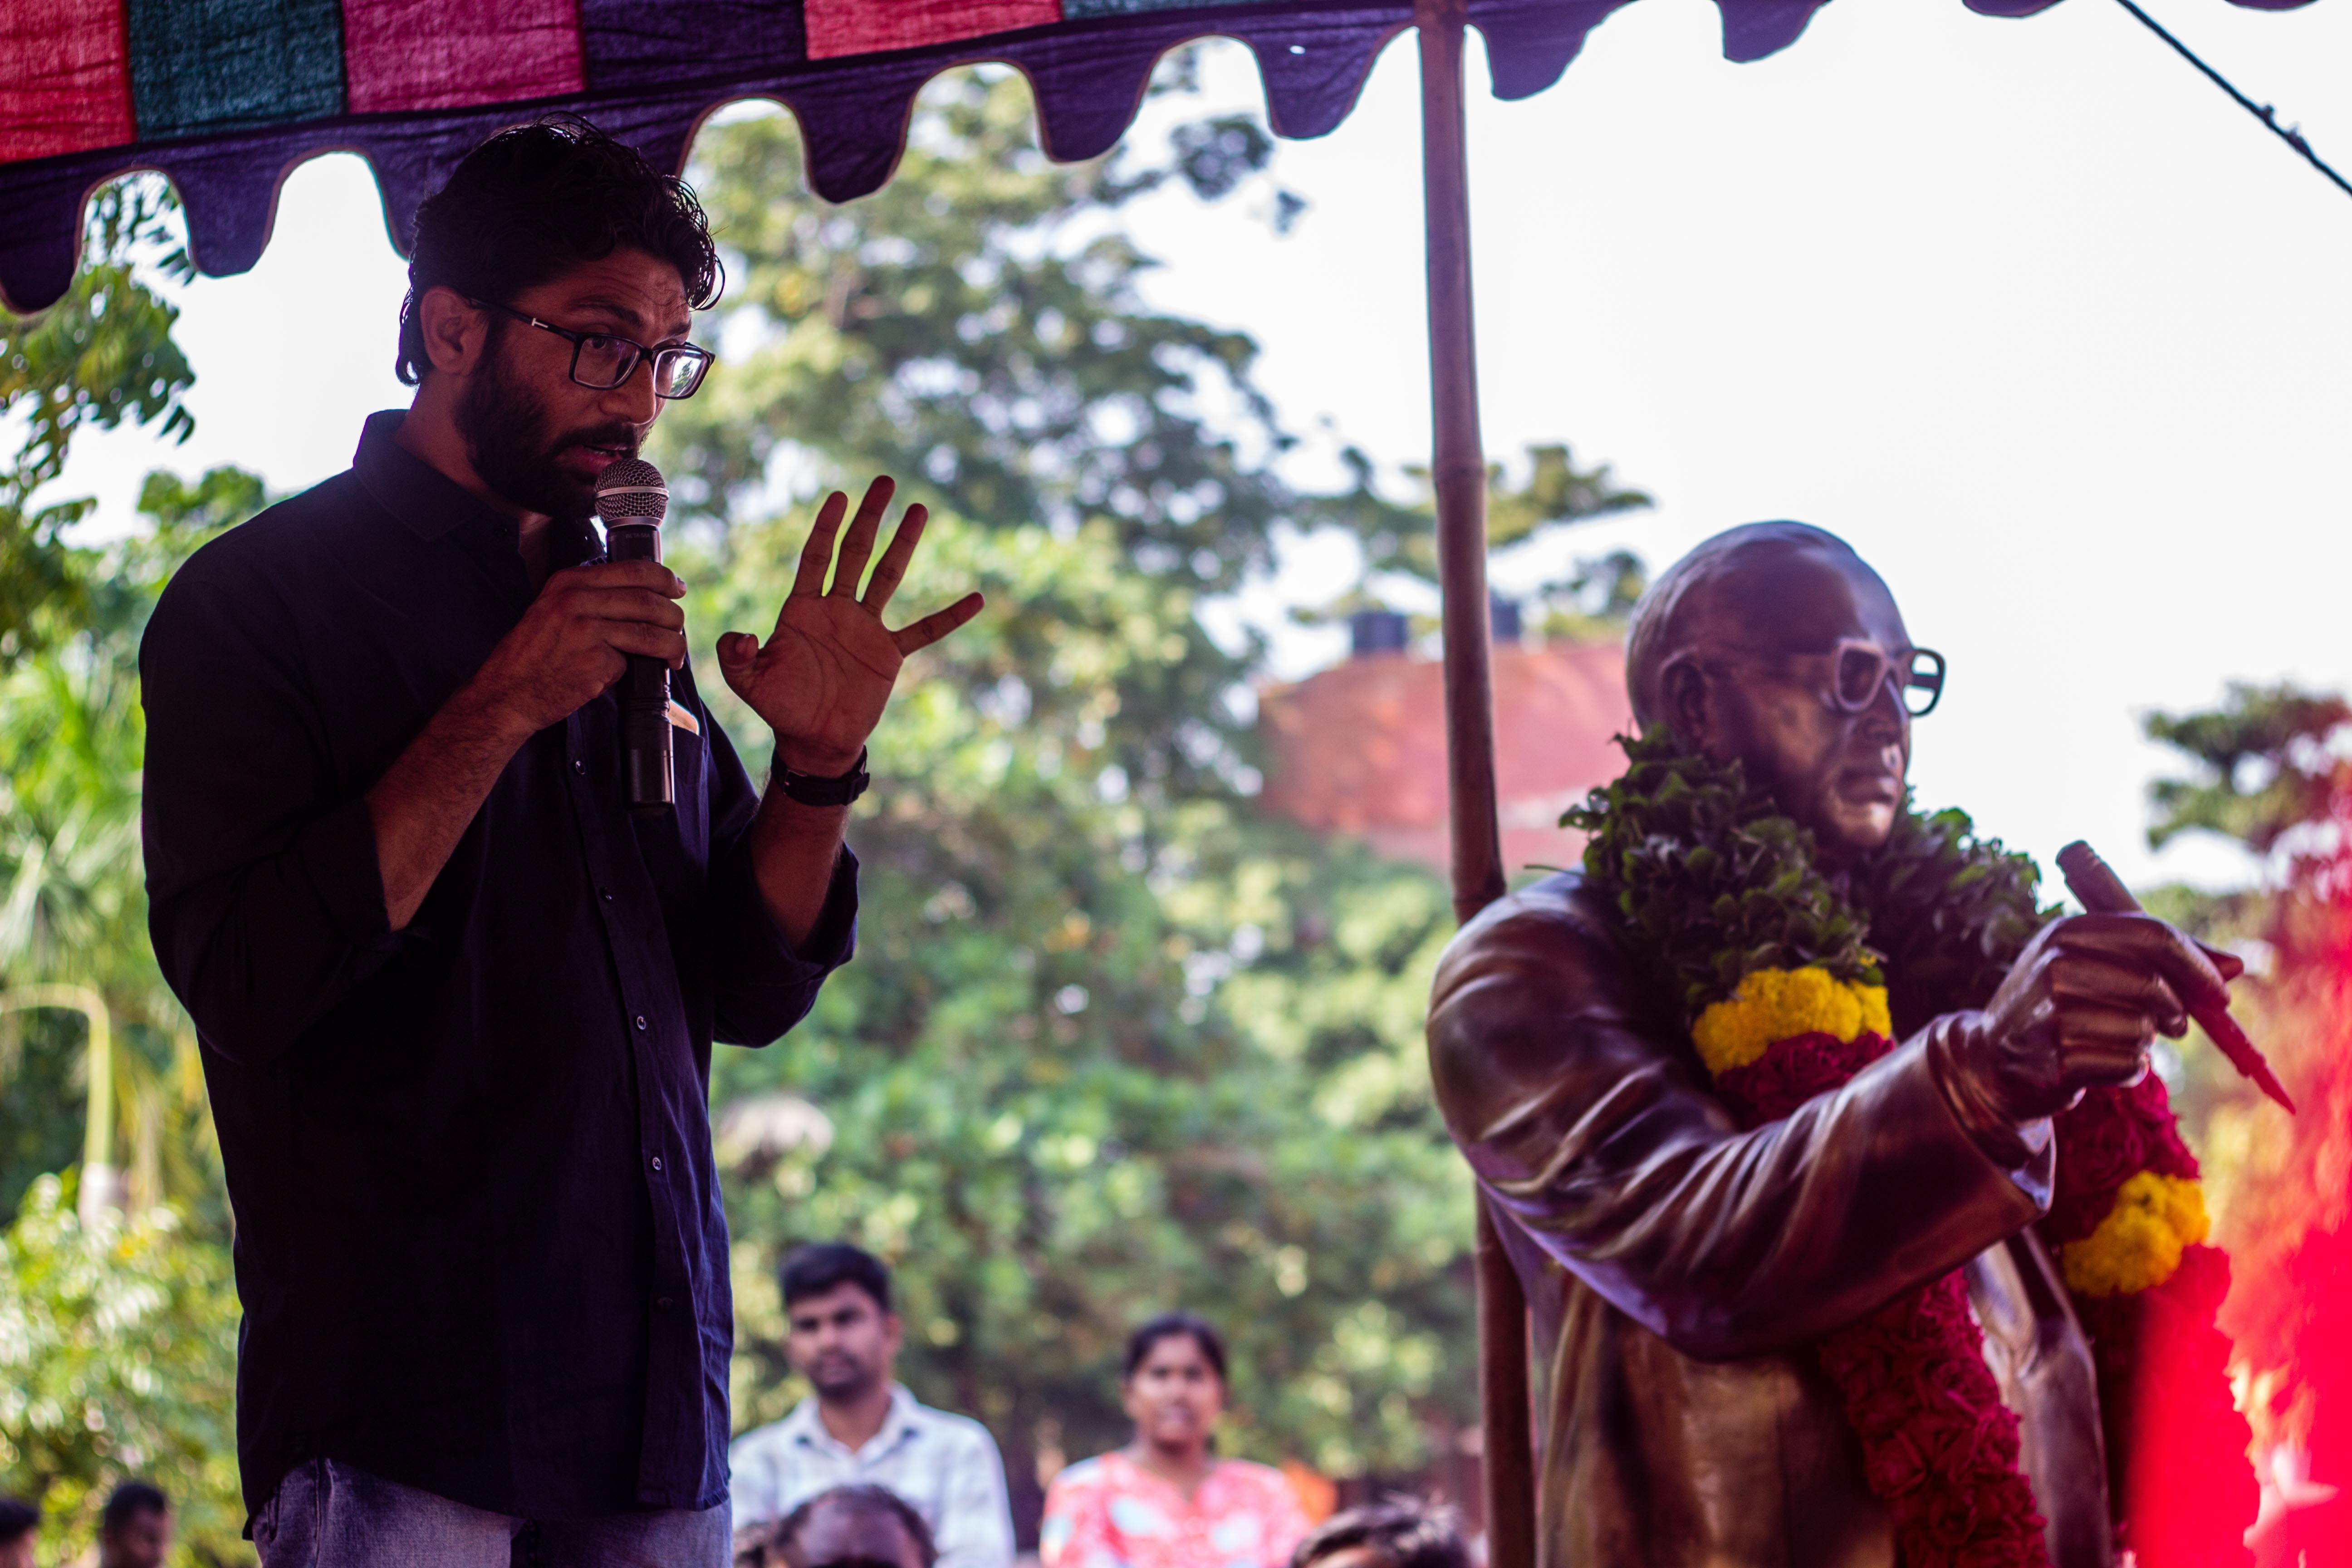 ஜிக்னேஷ் மேவானி